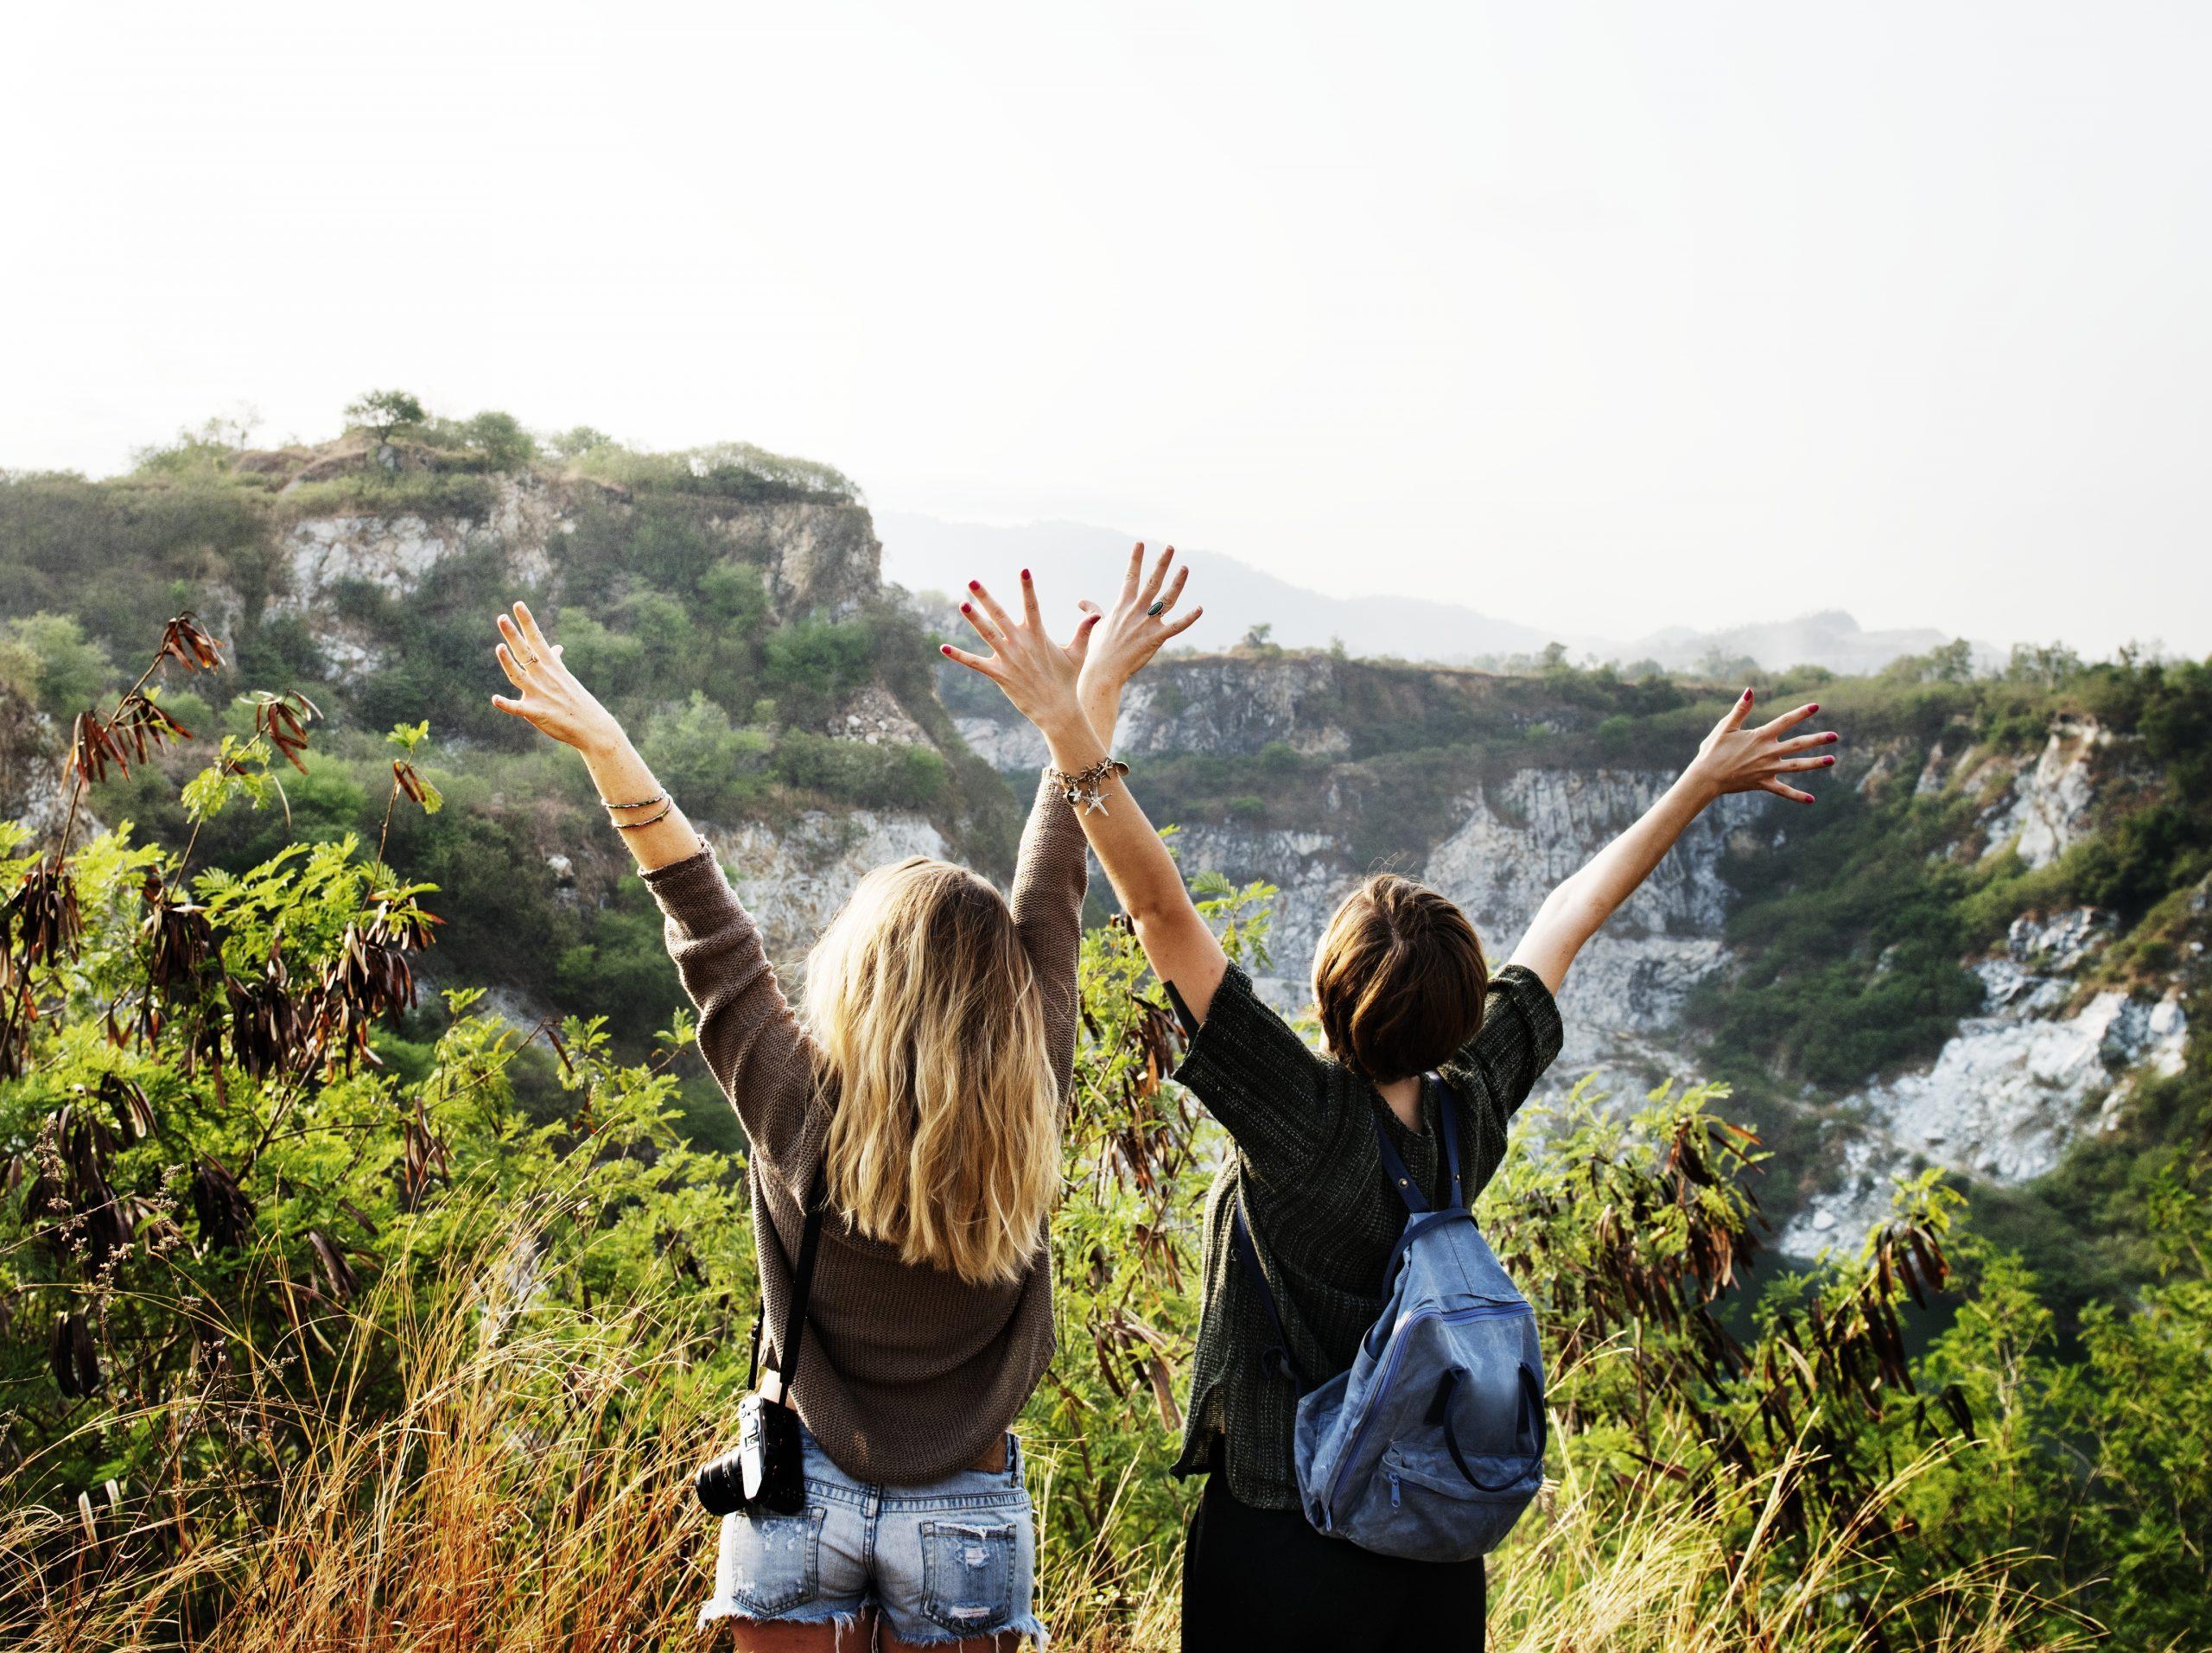 Zwei Frauen stehen auf einem Berg, sie heben die Arme in die Luft und freuen sich